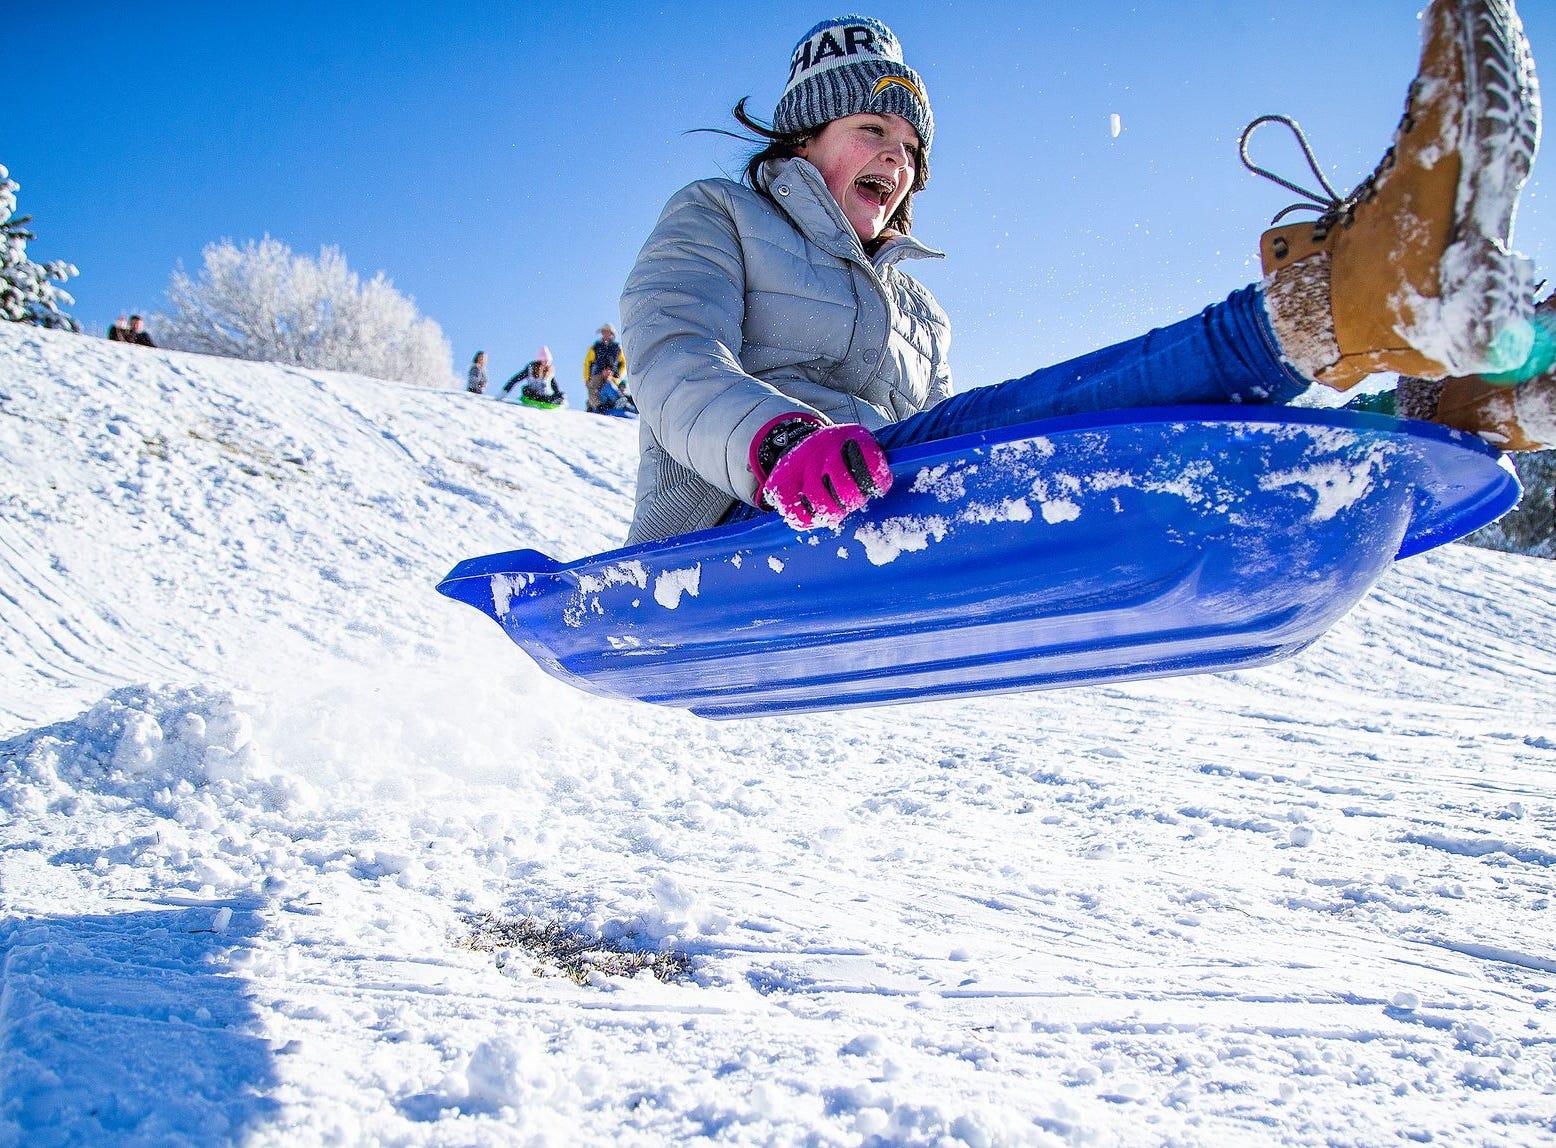 Charleigh Lewis, de 12 años, vuela de un salto mientras disfruta de la nevada fresca en Green Valley Park en Payson el 1 de enero de 2019.